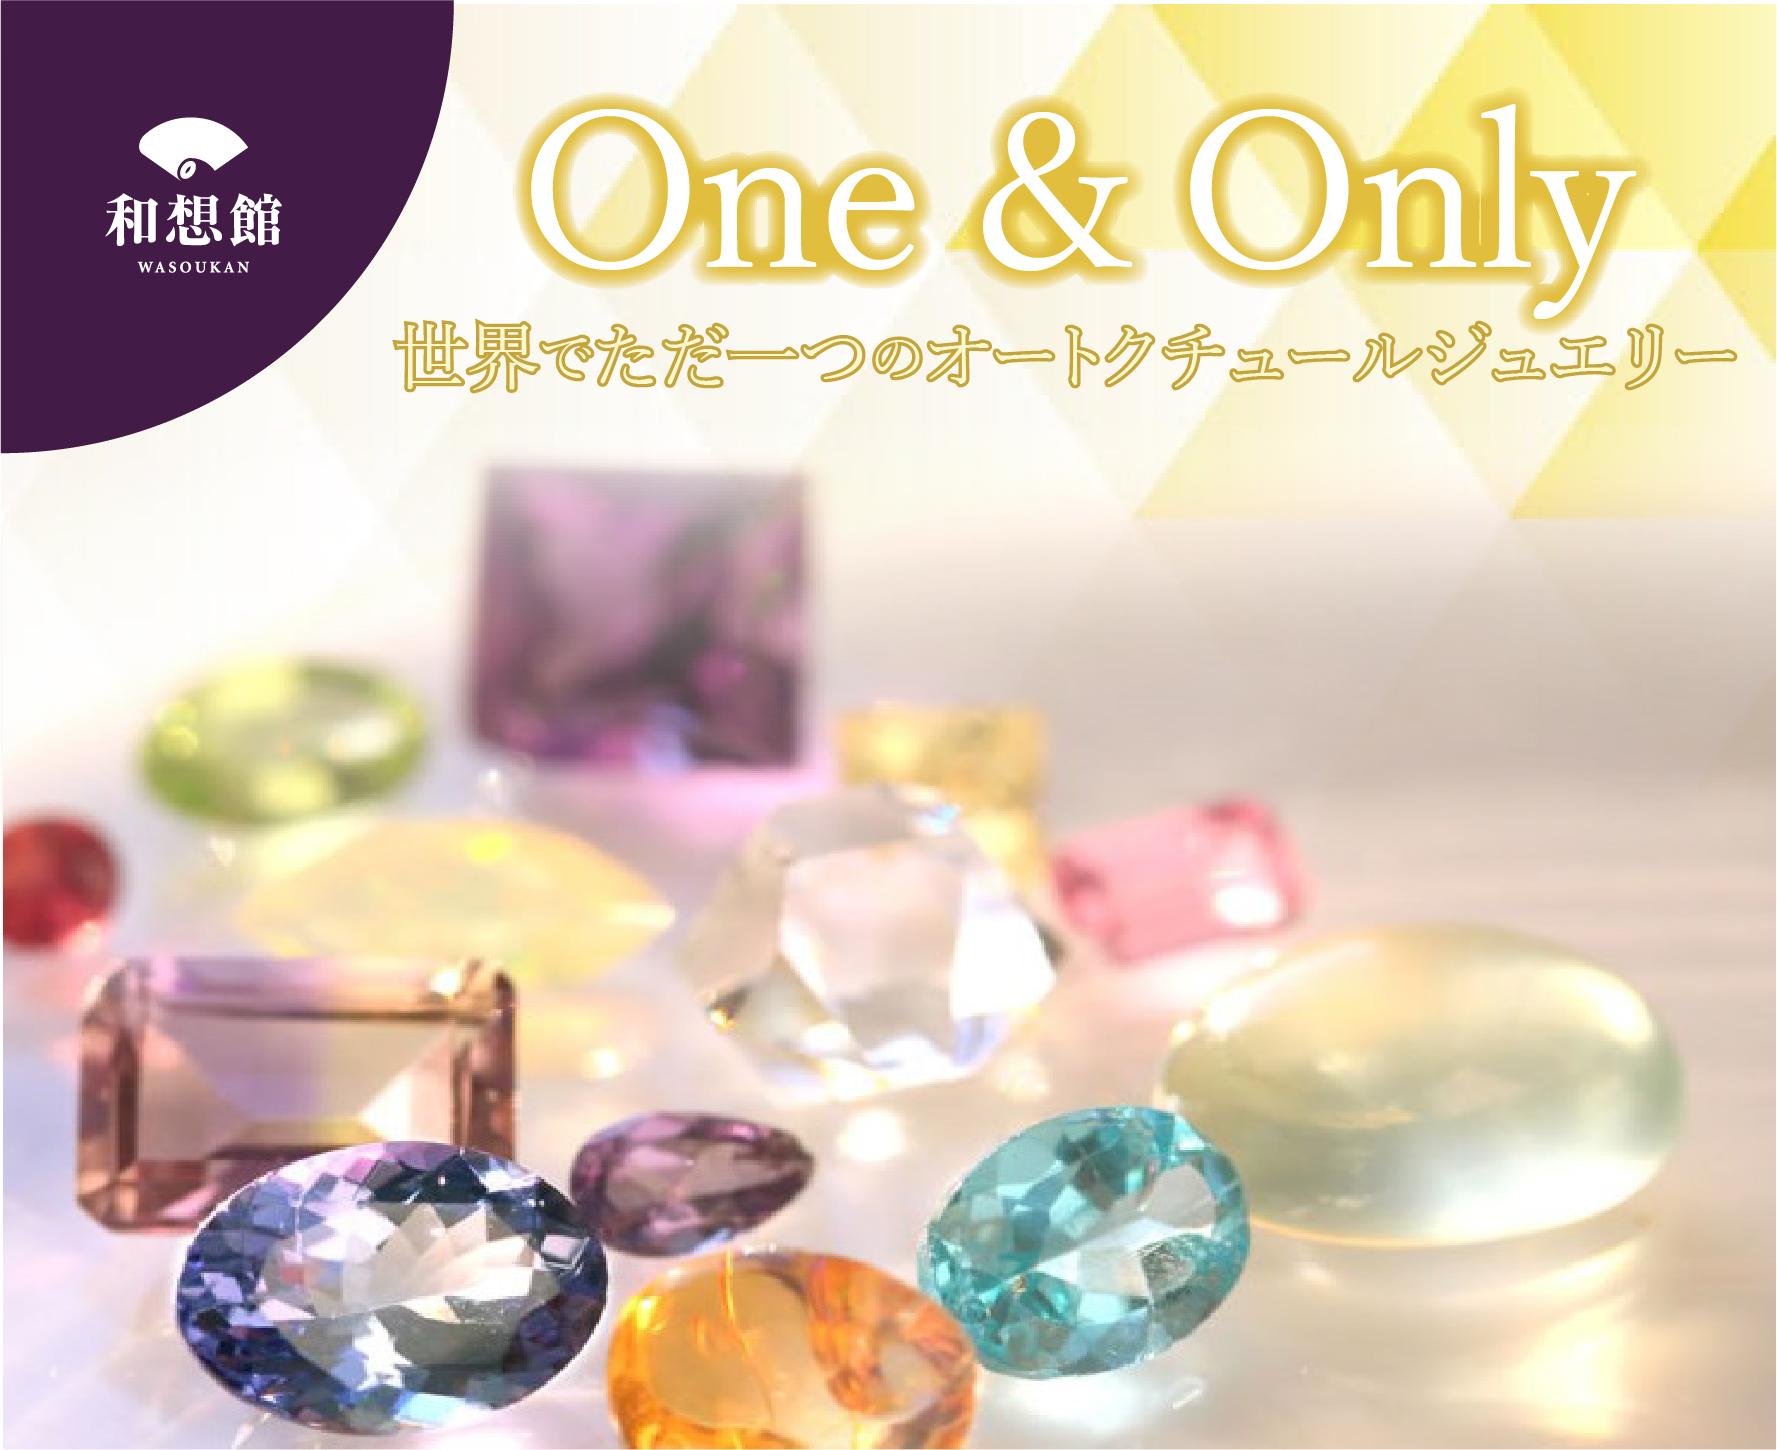 【浜田店】2月展示 One & Only 世界でただ一つのオートクチュールジュエリー